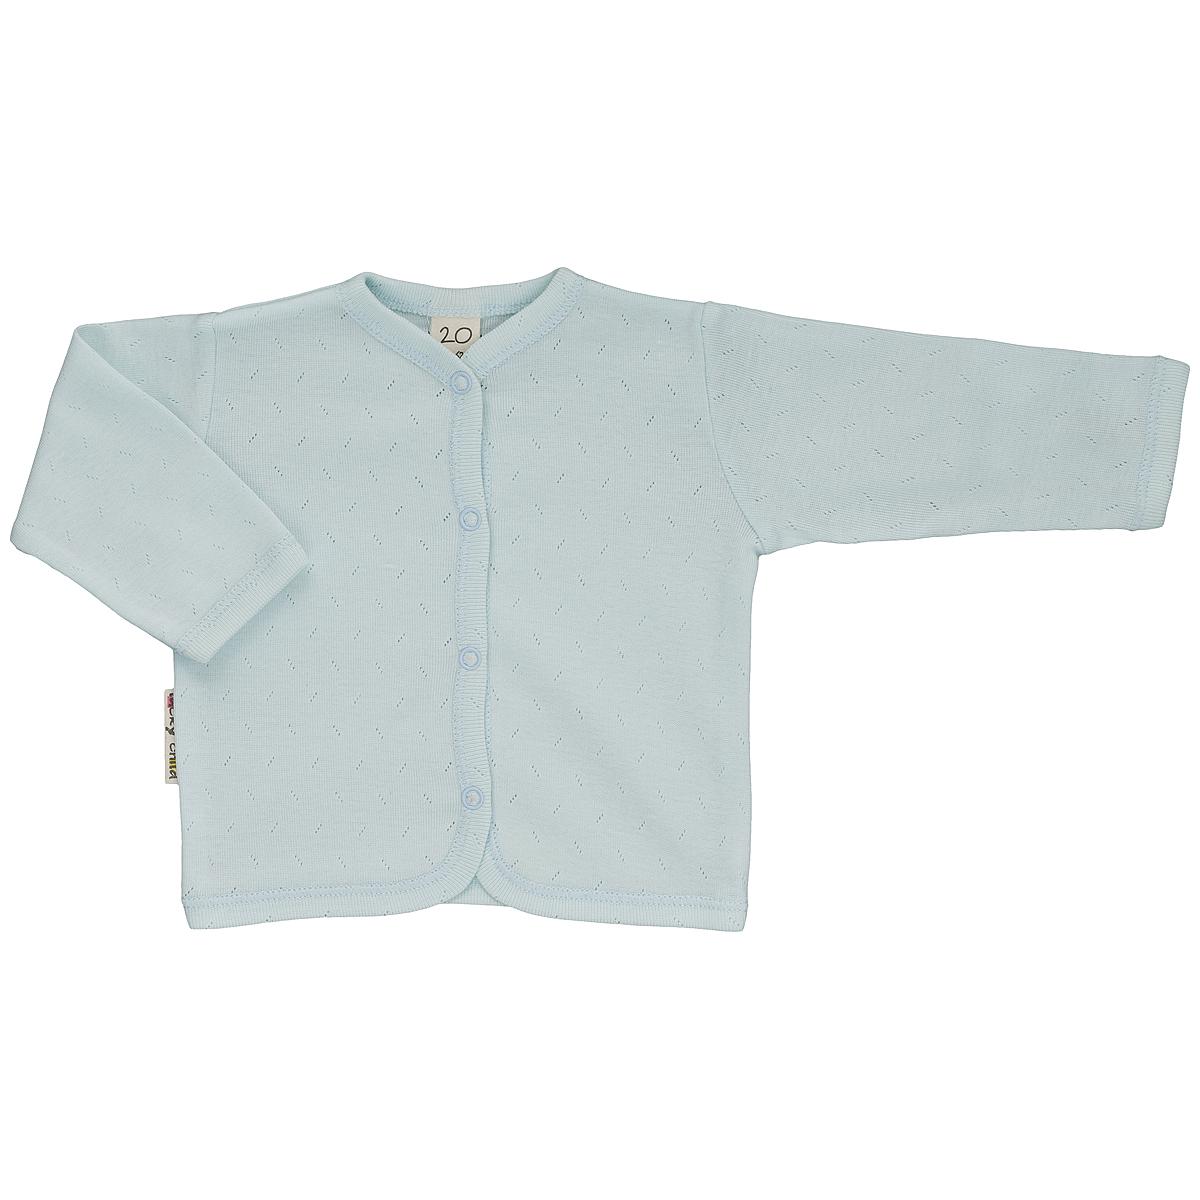 Распашонка0-7Кофточка для новорожденного Lucky Child Ажур с длинными рукавами послужит идеальным дополнением к гардеробу вашего малыша, обеспечивая ему наибольший комфорт. Изготовленная из натурального хлопка, она необычайно мягкая и легкая, не раздражает нежную кожу ребенка и хорошо вентилируется, а эластичные швы приятны телу малыша и не препятствуют его движениям. Удобные застежки-кнопки по всей длине помогают легко переодеть младенца. Модель выполнена из ткани с ажурным узором. Кофточка полностью соответствует особенностям жизни ребенка в ранний период, не стесняя и не ограничивая его в движениях. В ней ваш малыш всегда будет в центре внимания.